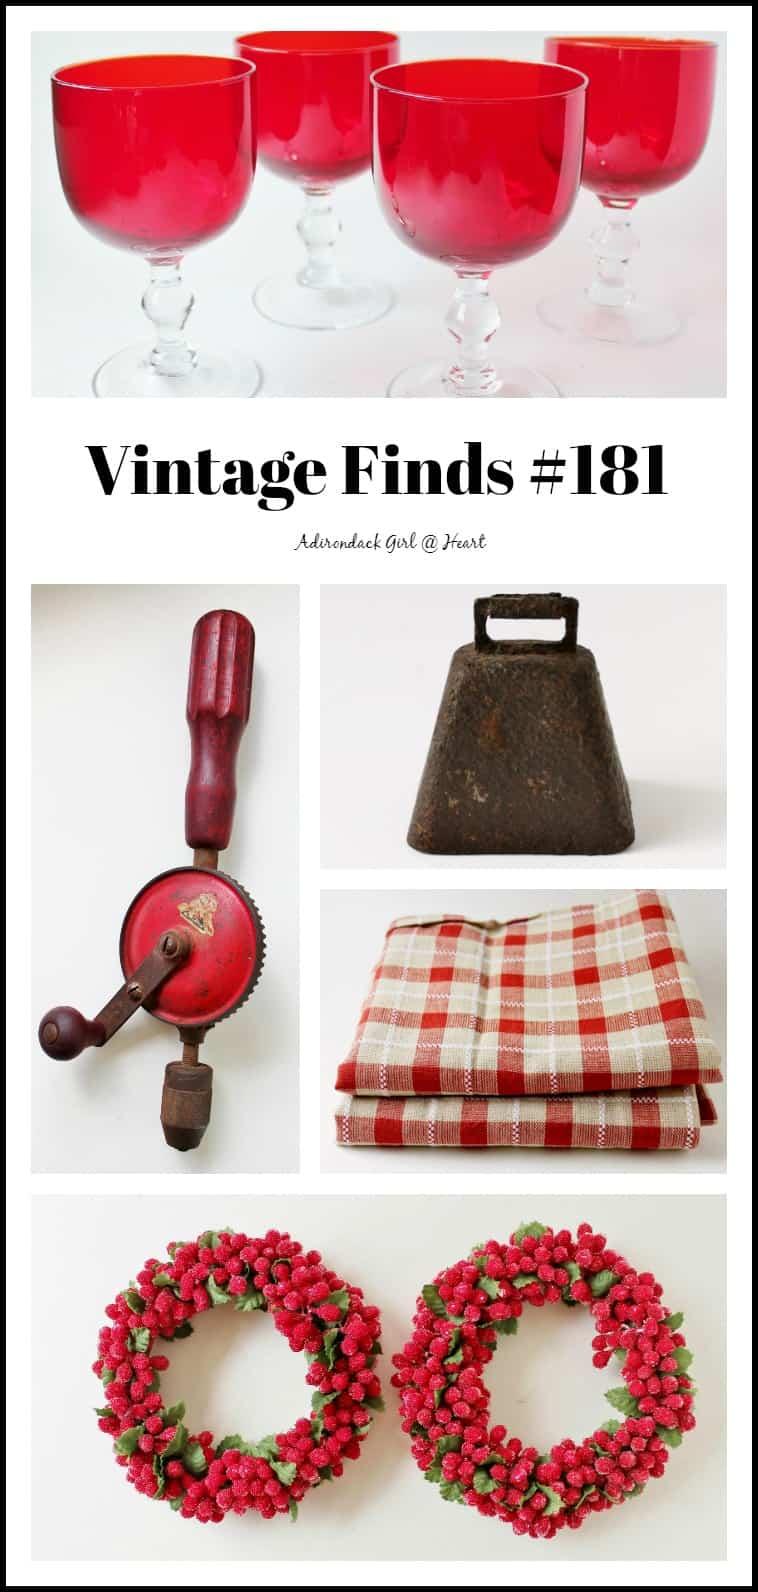 vintage finds #181